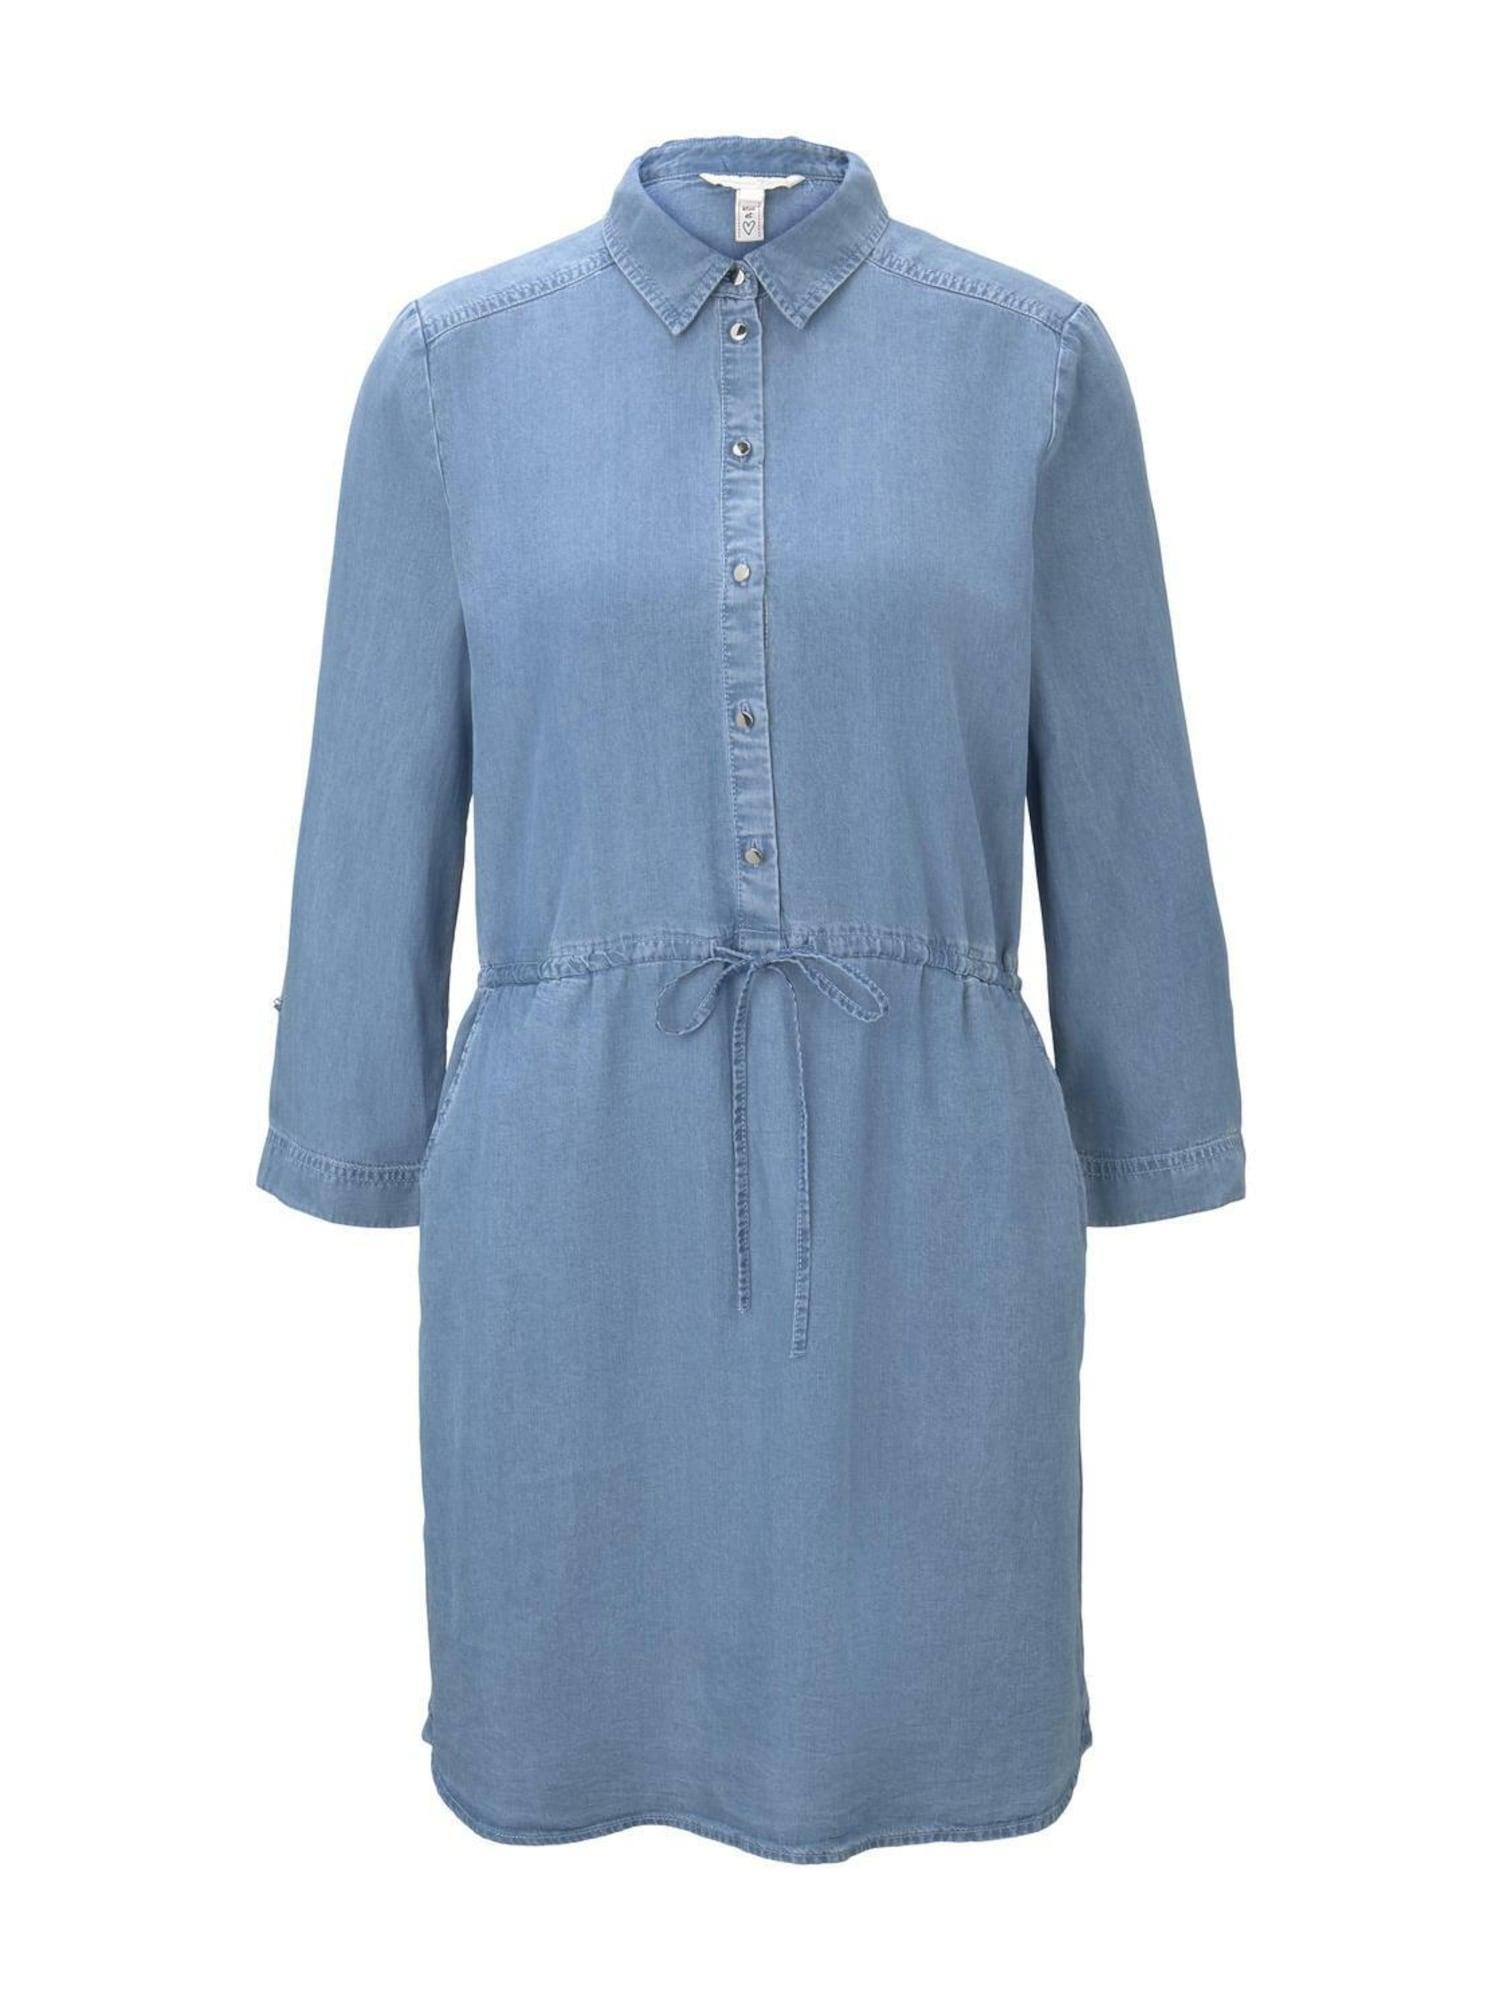 TOM TAILOR DENIM Palaidinės tipo suknelė tamsiai (džinso) mėlyna